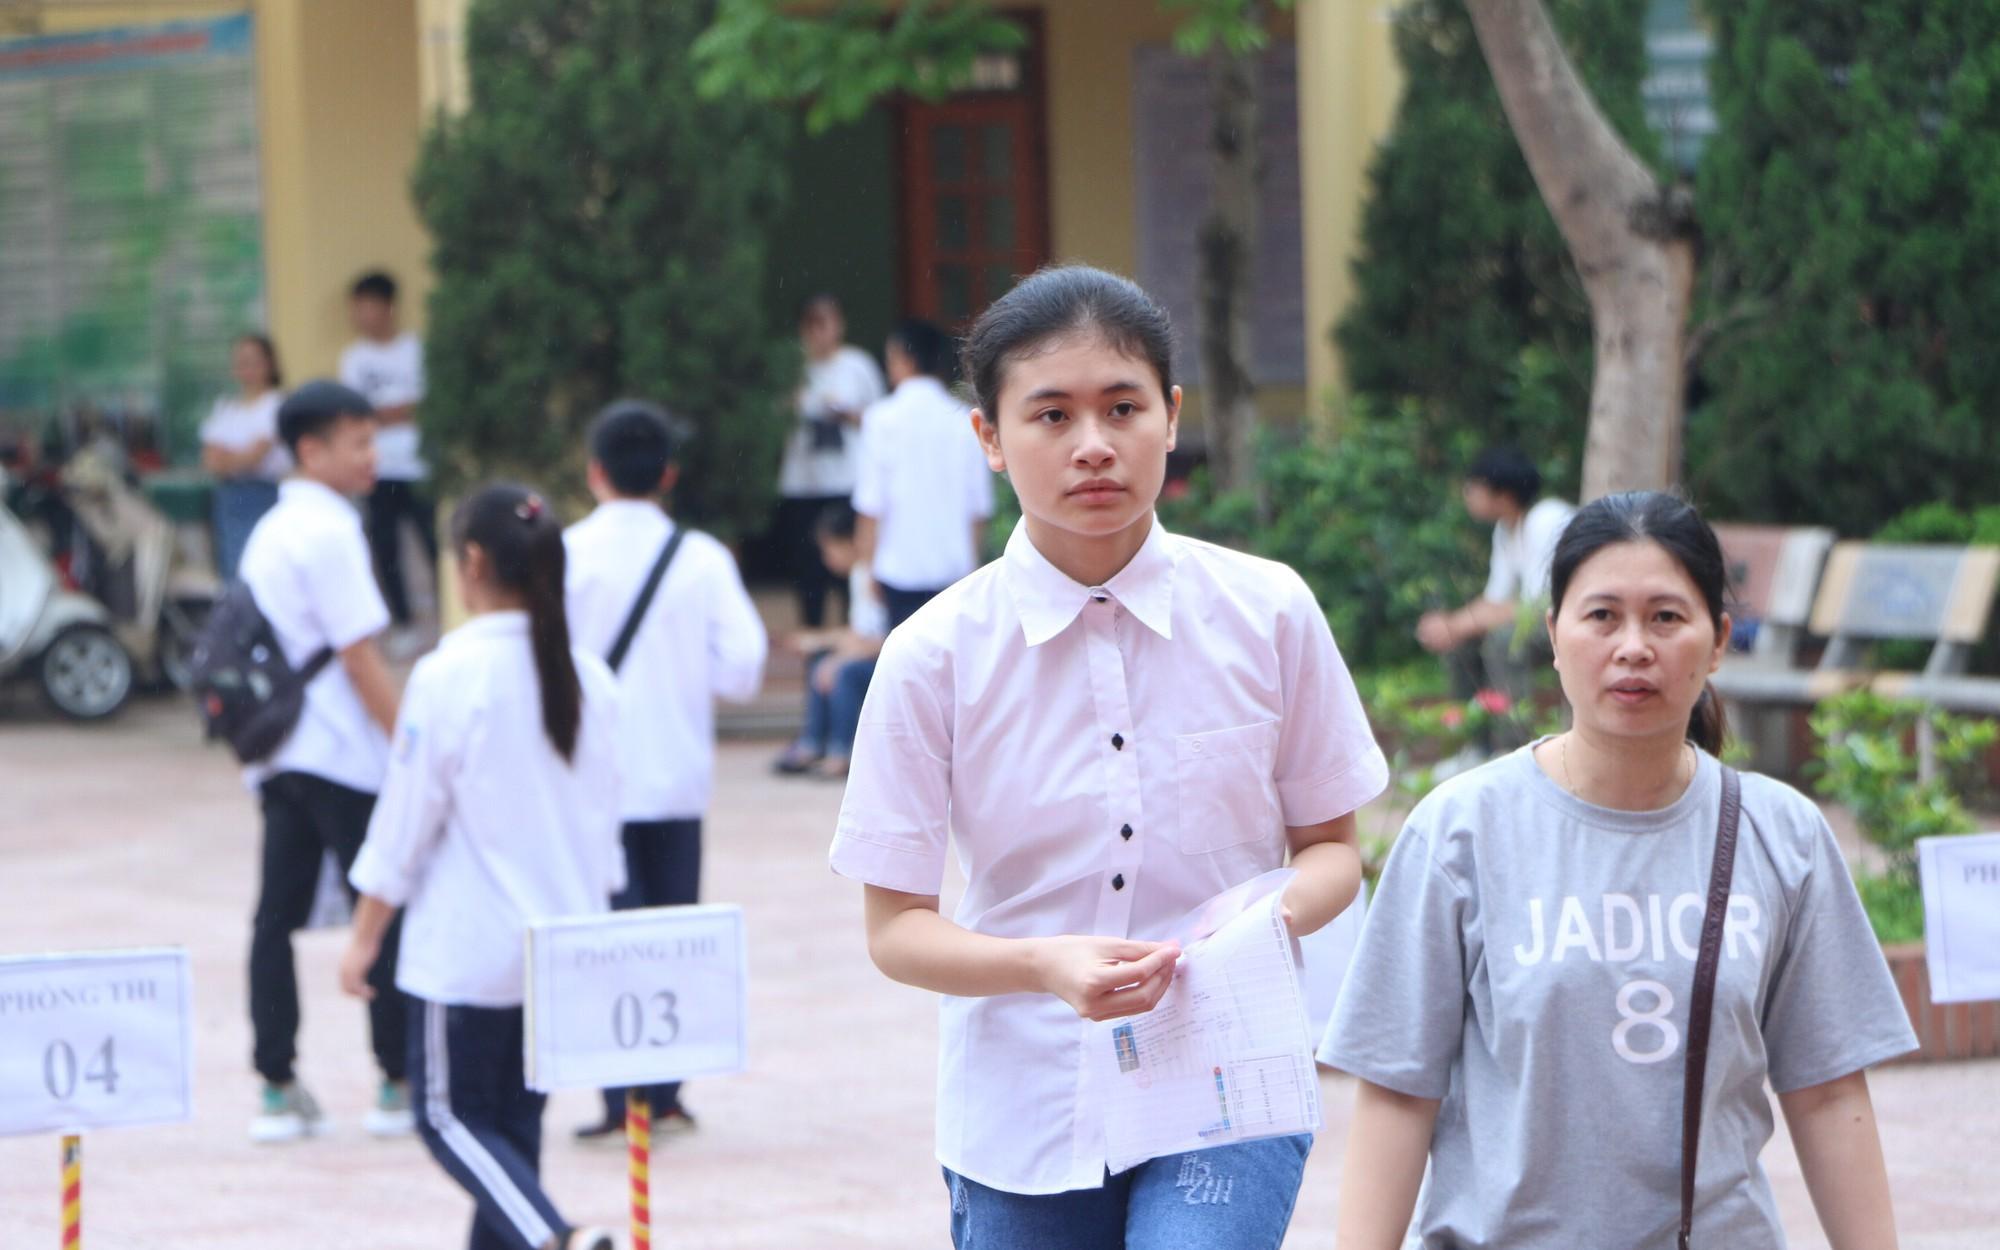 Đáp án đề thi vào lớp 10 môn Lịch sử năm 2019 ở Hà Nội, mã đề 002